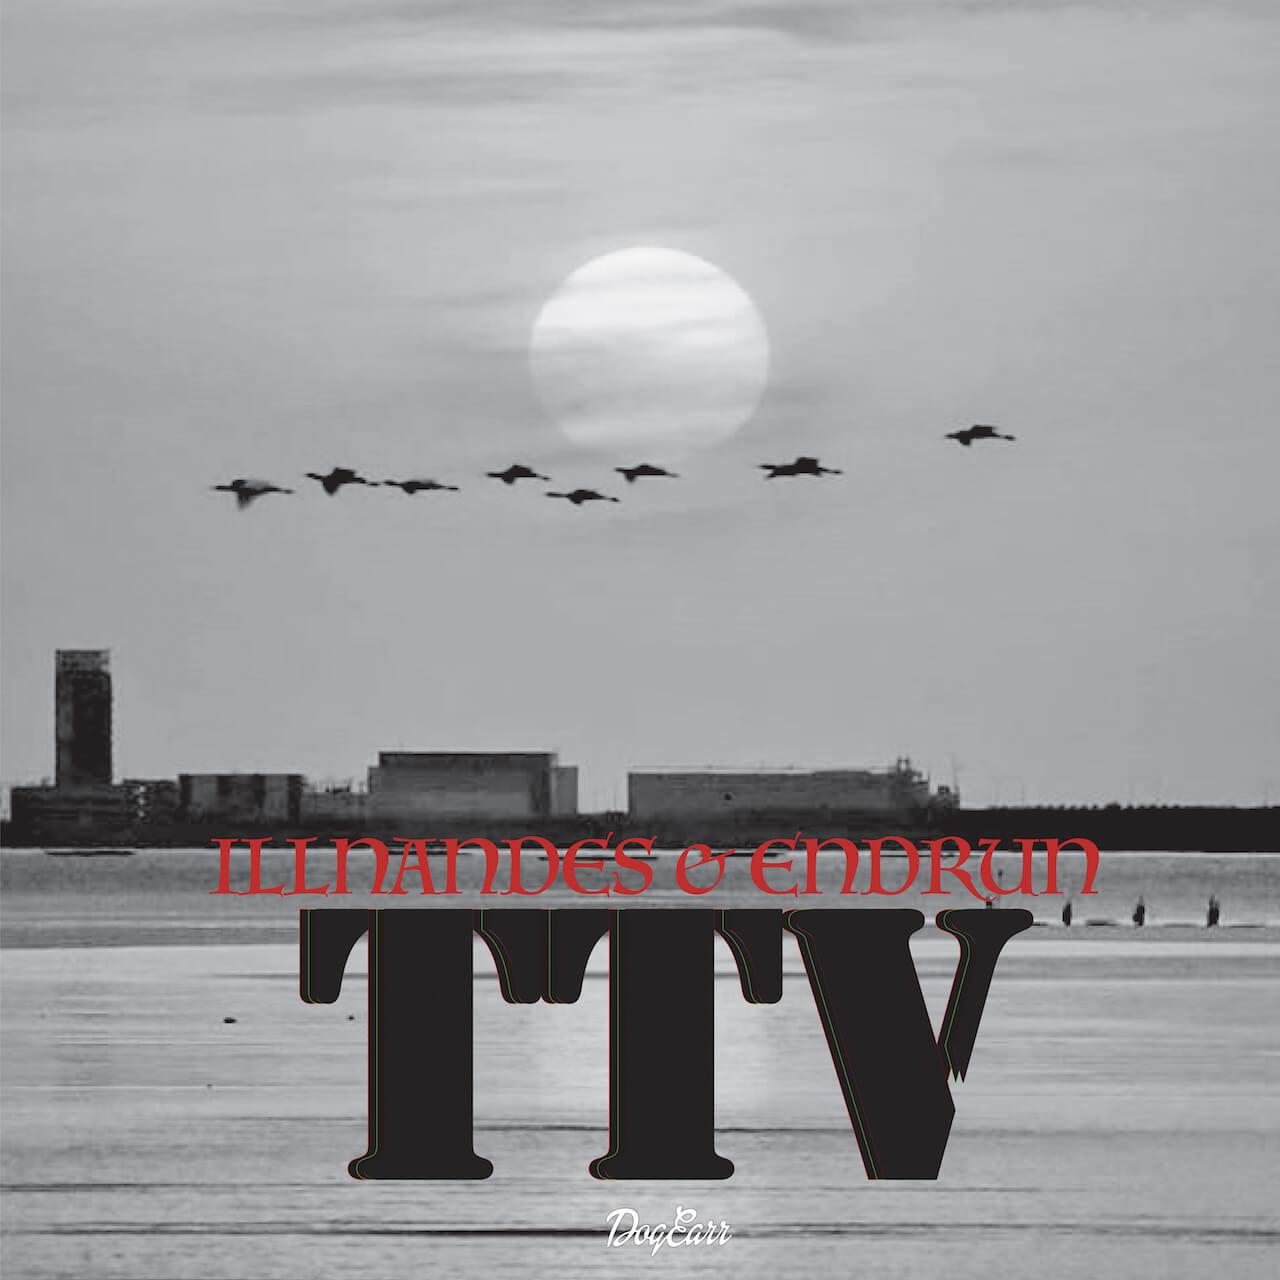 ILLNANDES&ENDRUN、今夏発売予定のアルバムより先行カット「TTV」を〈Dogear Records〉よりリリース music200601-illnandes-endrun-2